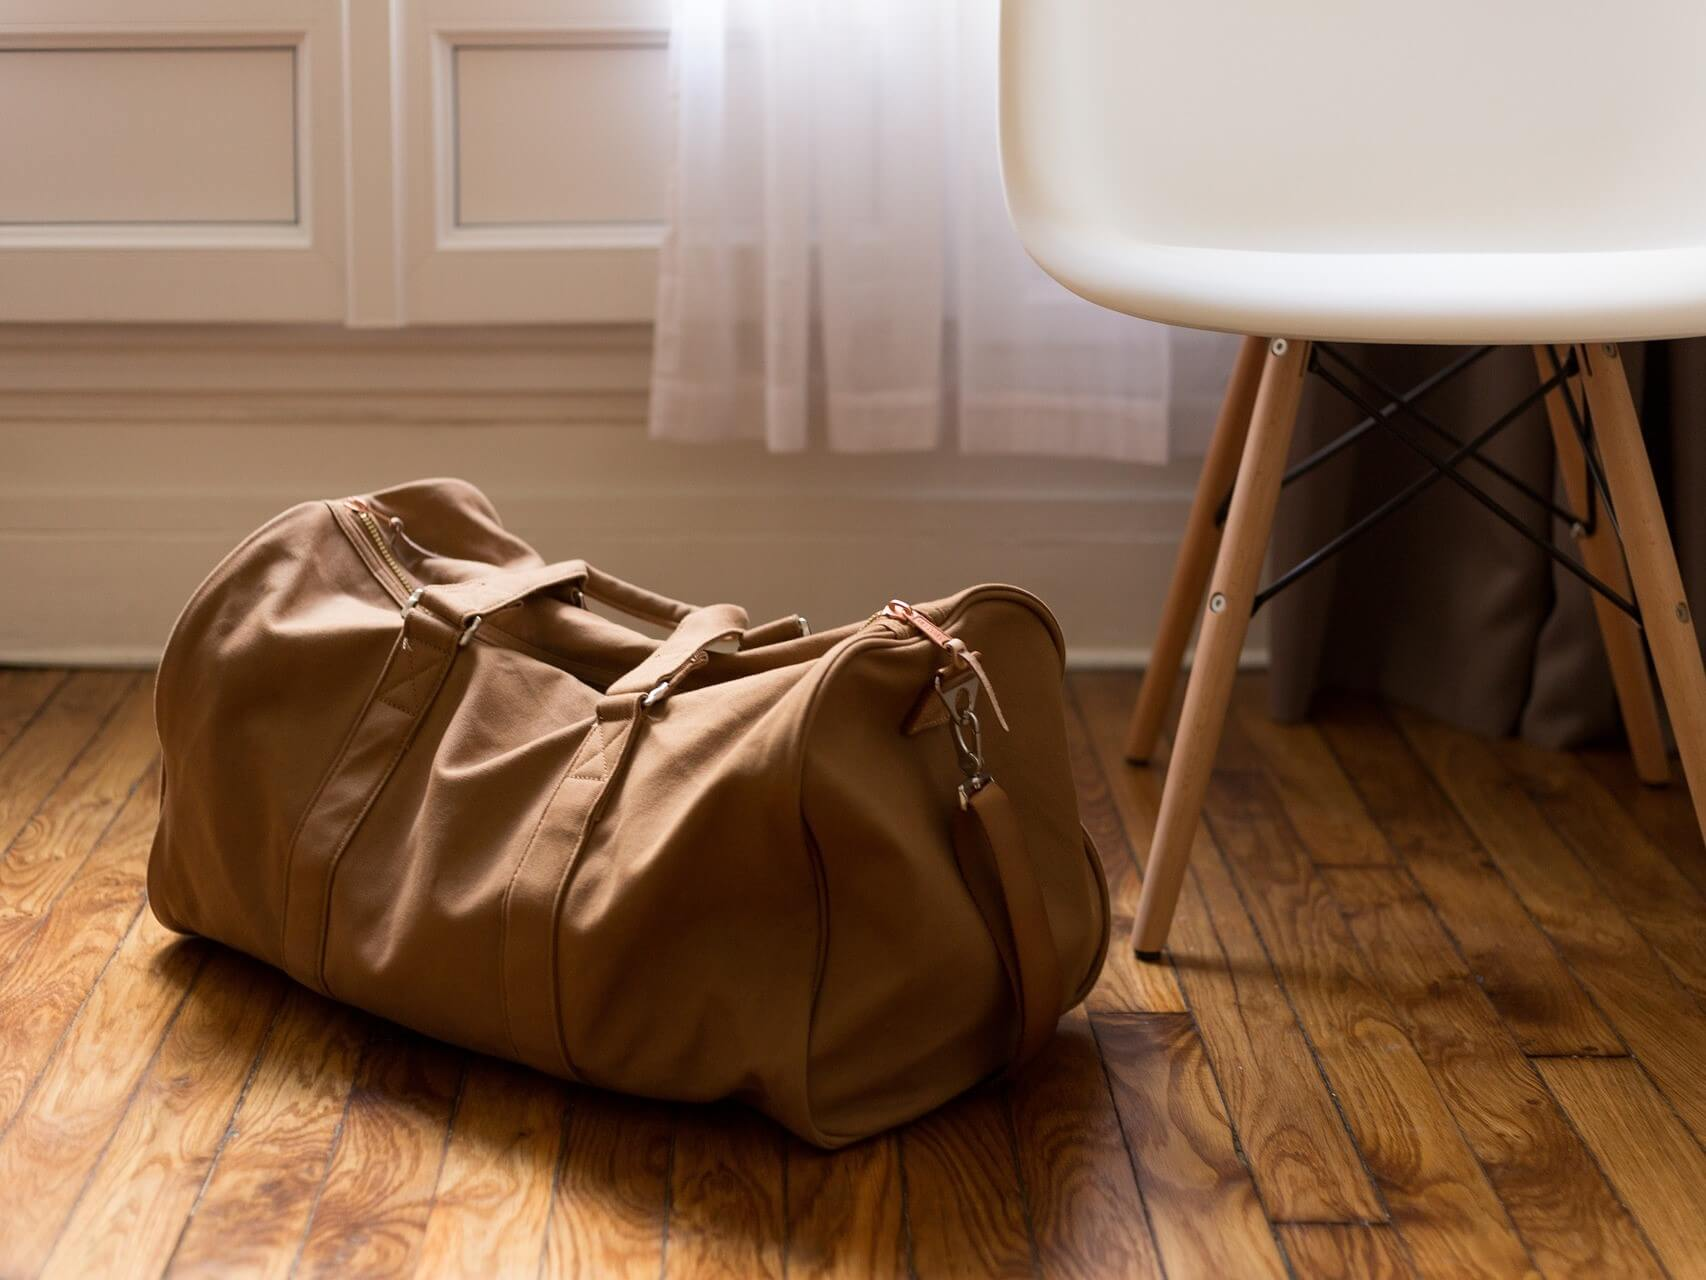 1a5584d3bd33 女性向けトラベルバッグ10選!機能性バッチリの鞄で旅行を楽しもう ...